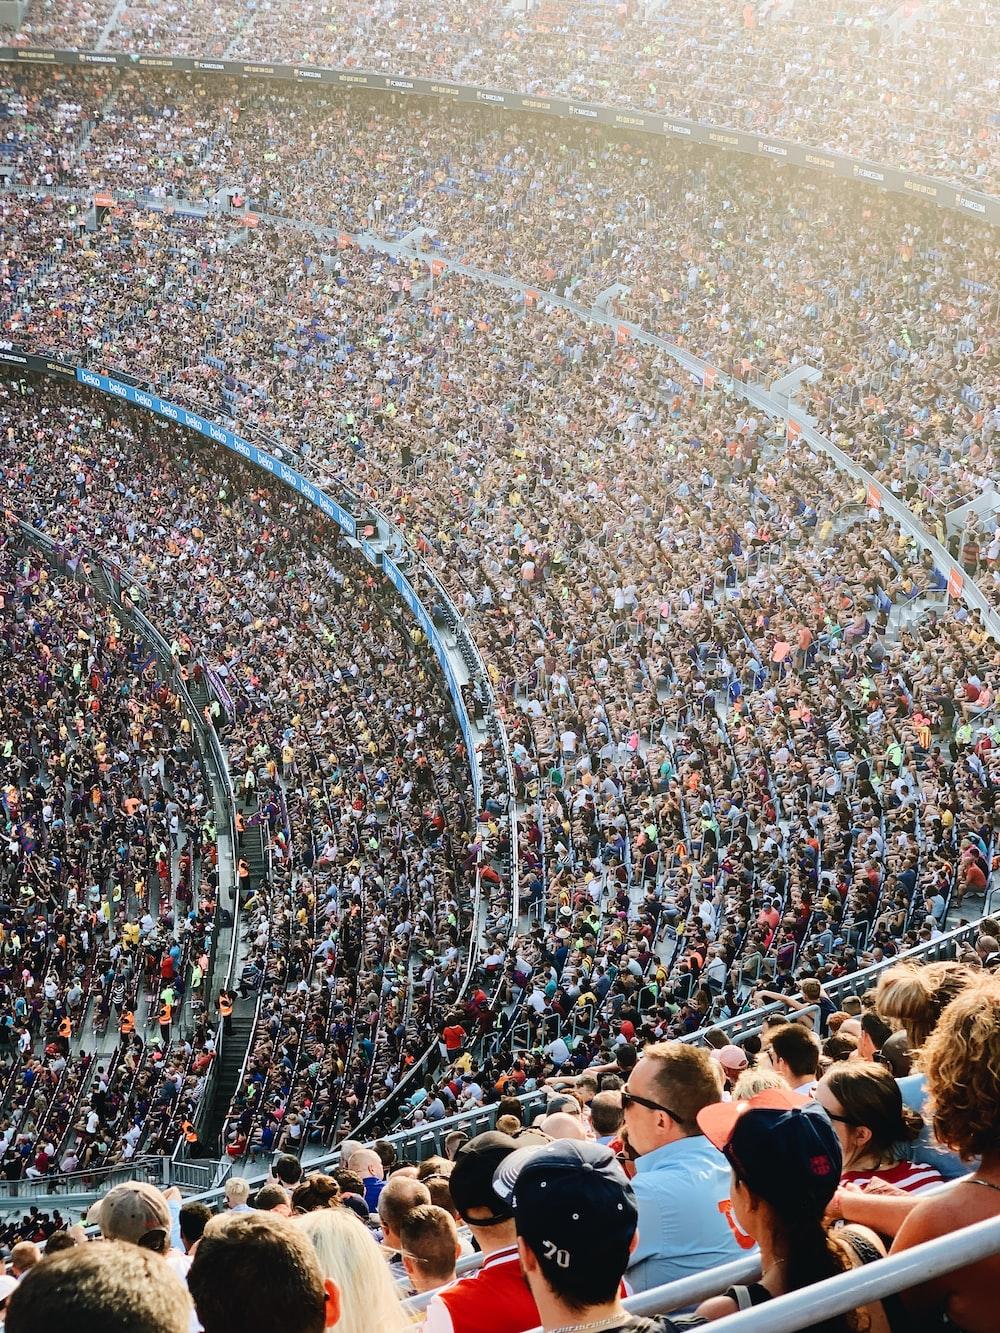 people sitting inside stadium seats